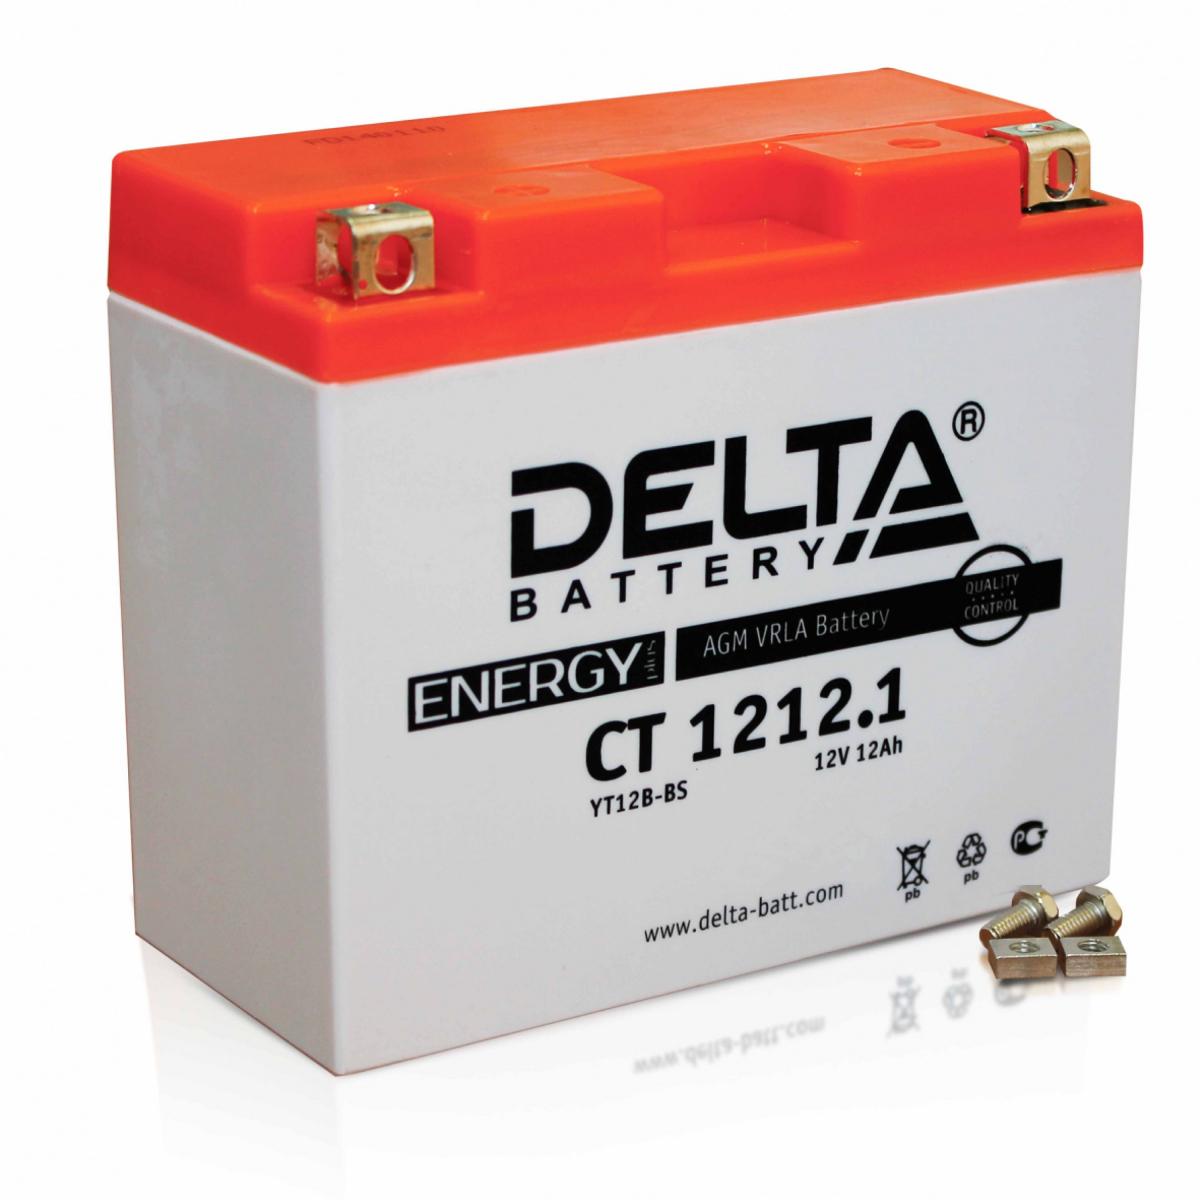 DELTA CT1212.1 (YT12B-BS)